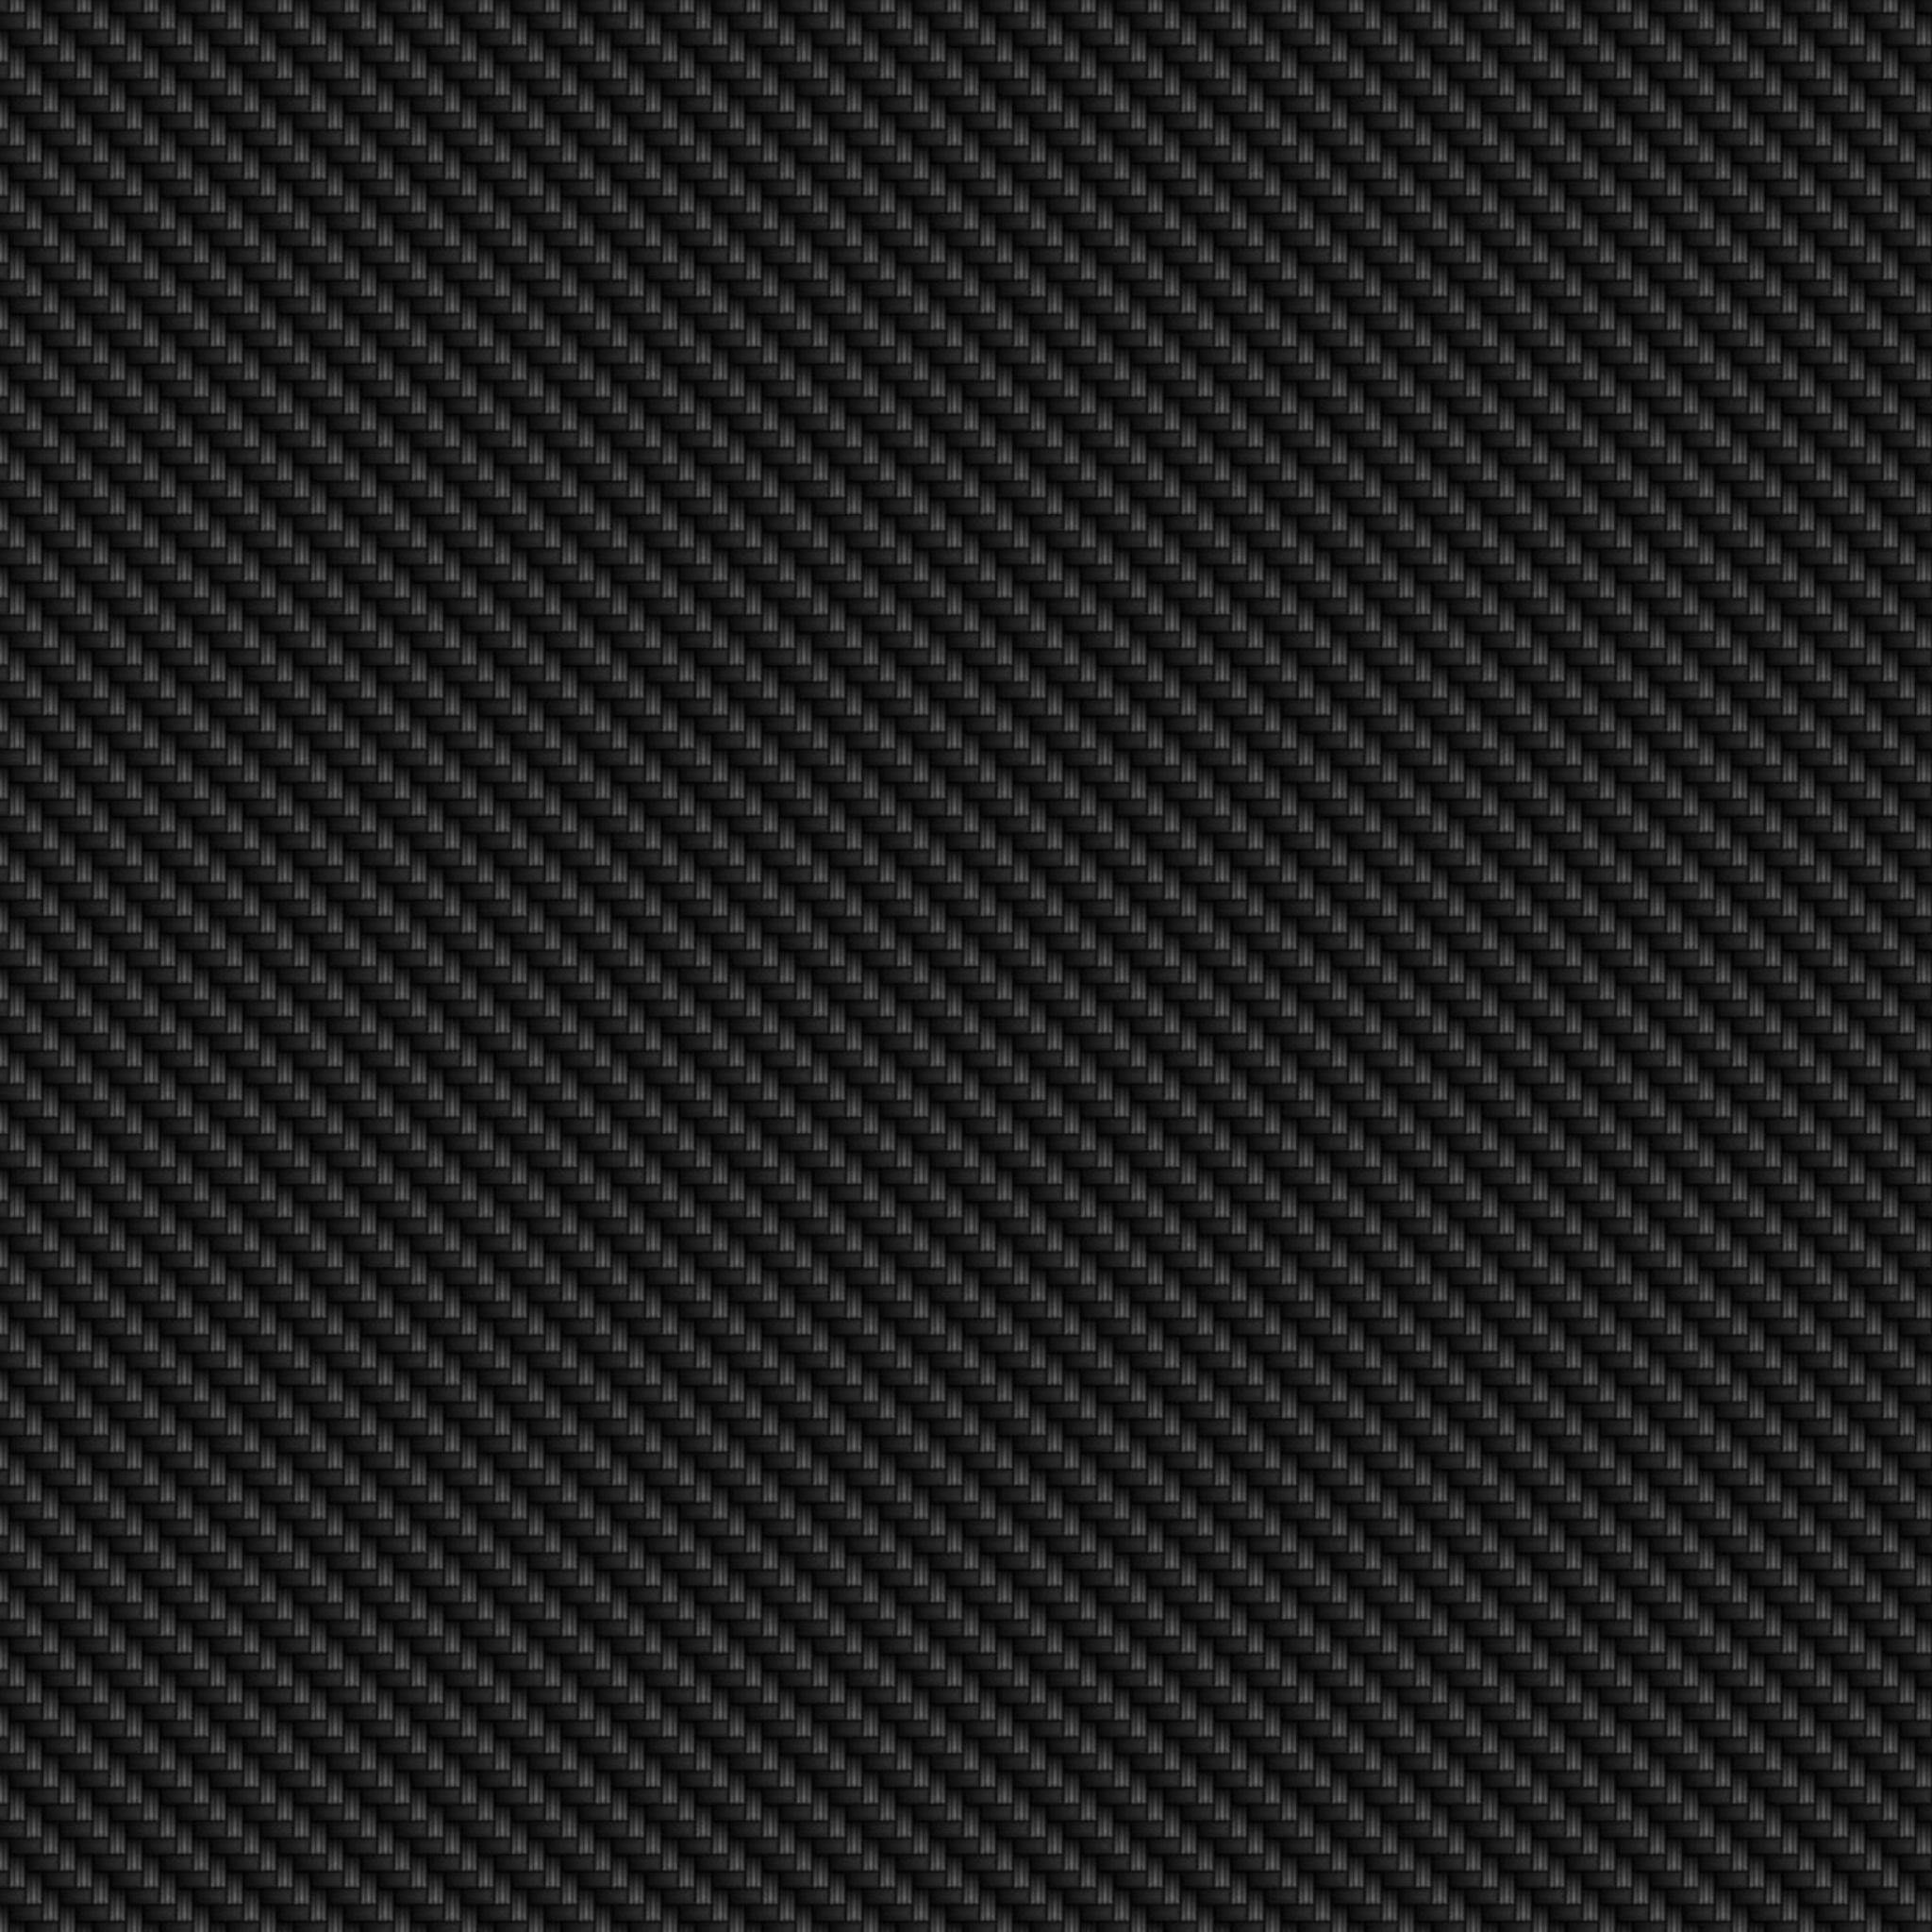 Carbon Fiber Wallpaper for iPad mini 2 Обои